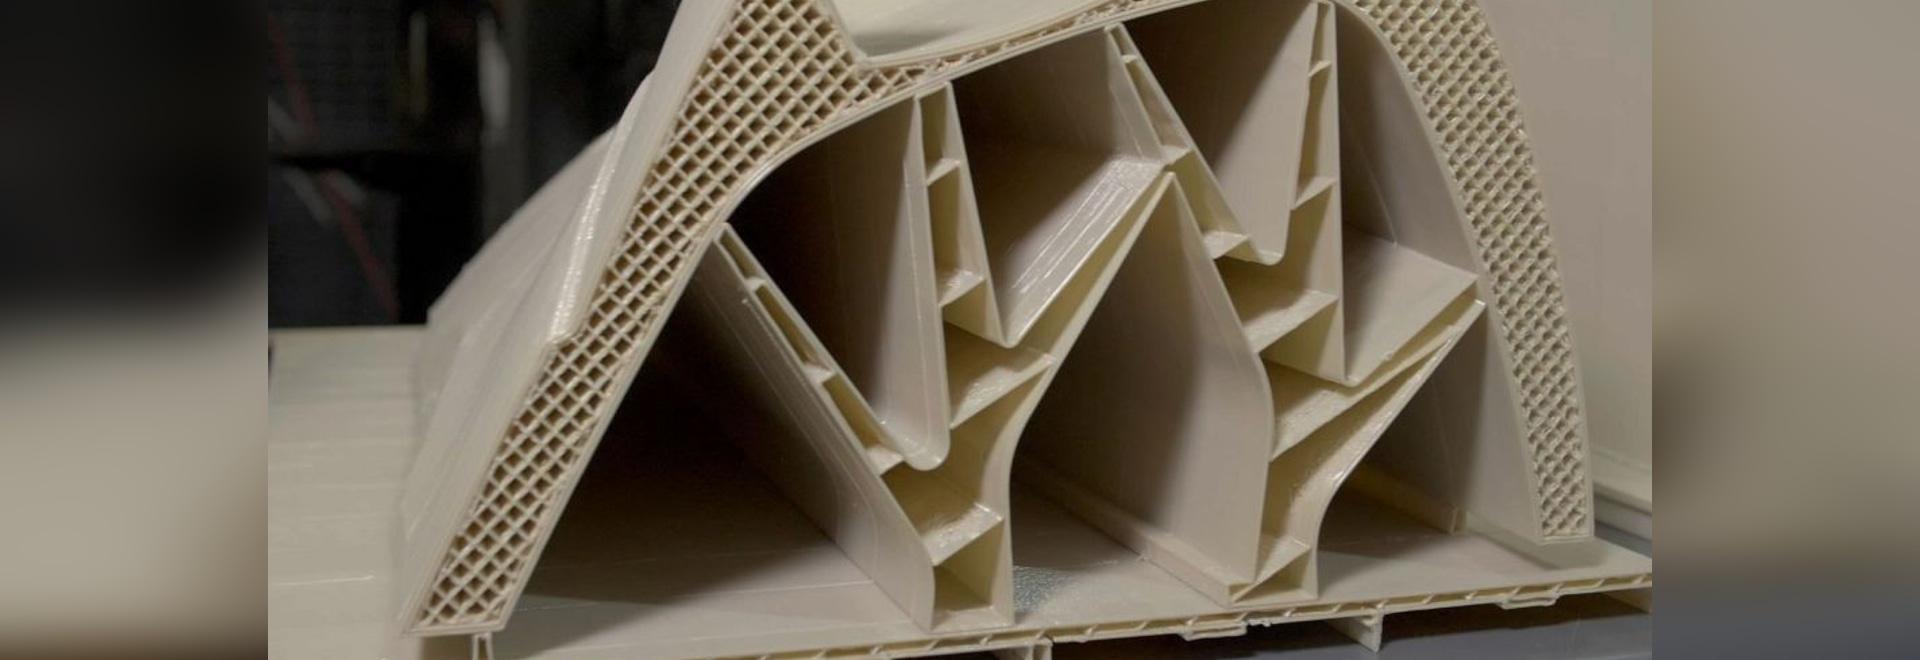 Ford Announces Plans pour employer 3D imprimant sur plus répandu pour des pièces de véhicule